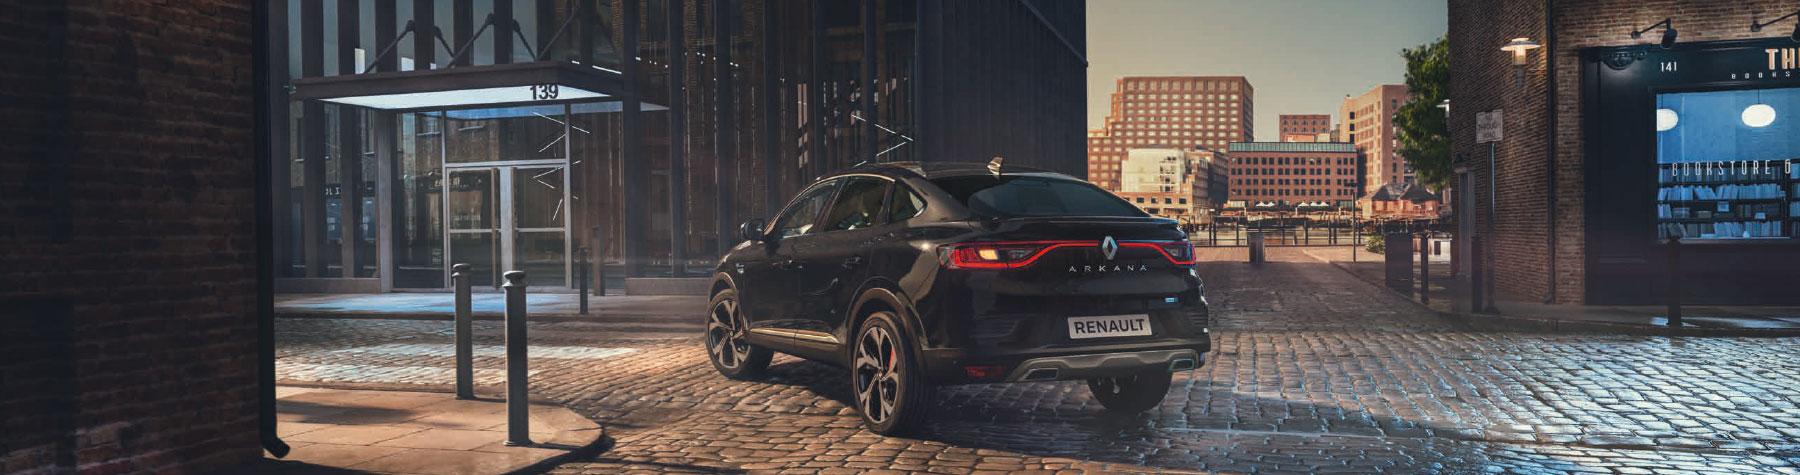 Nouveau Renault Arkana : Un concept unique au design saisissant arrive dans les showrooms de nos affaires <br>Renault HESS Automobile